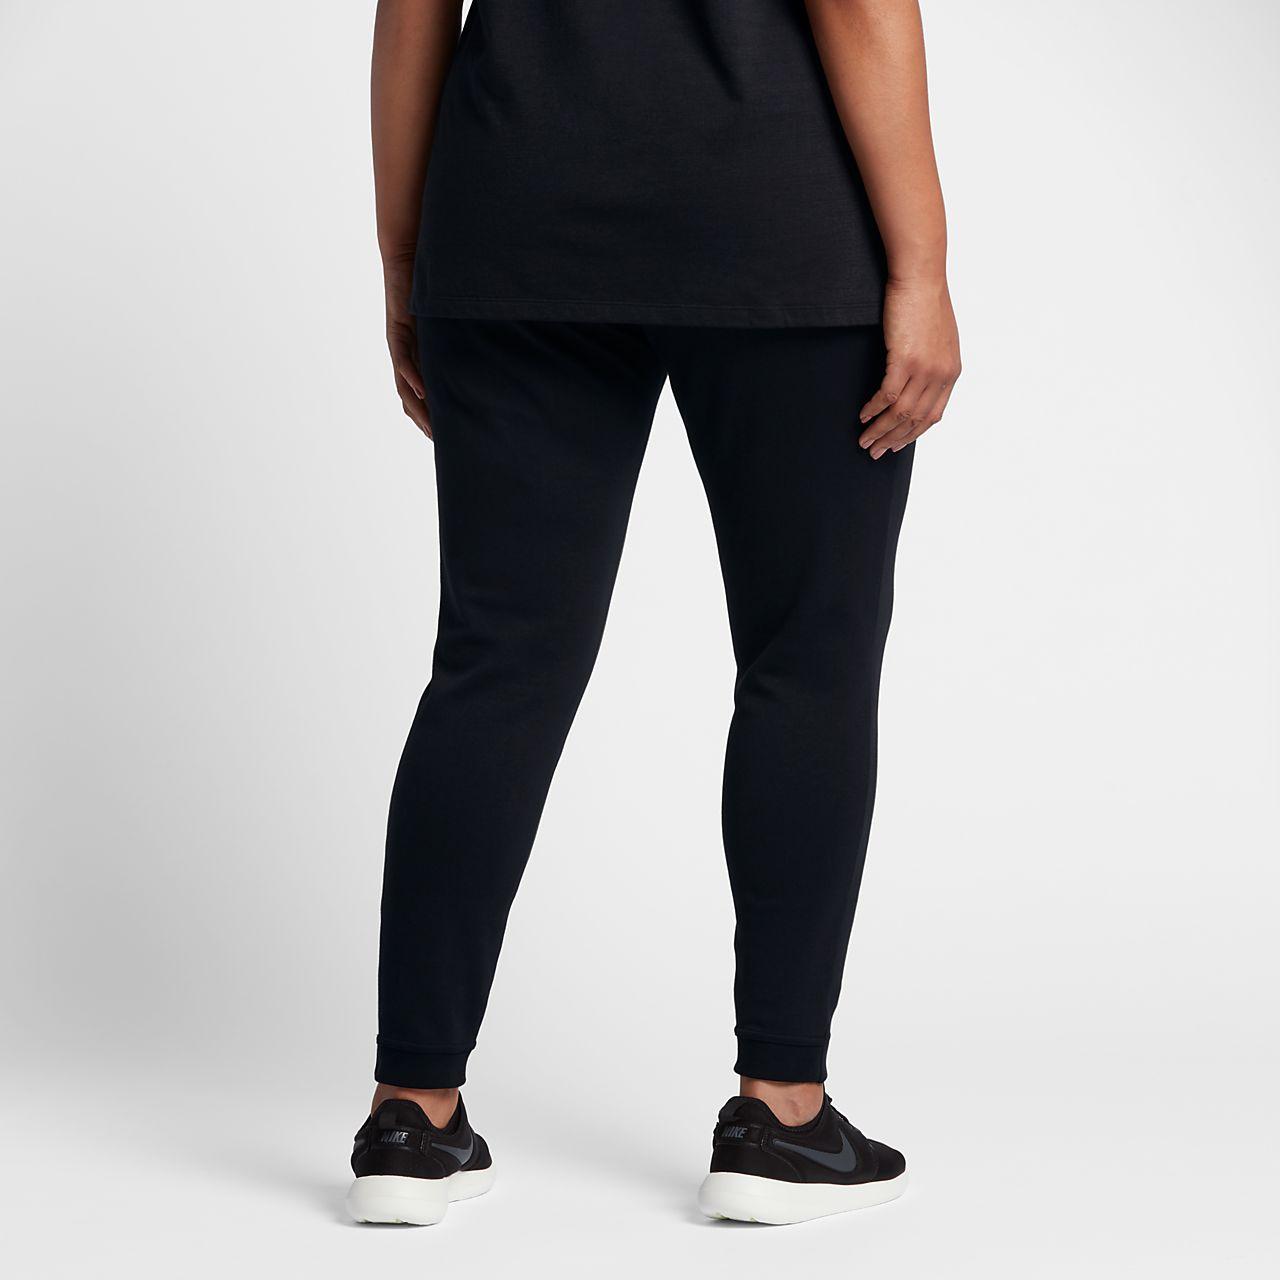 ... Nike Sportswear Tech Fleece (Plus Size) Women's Pants